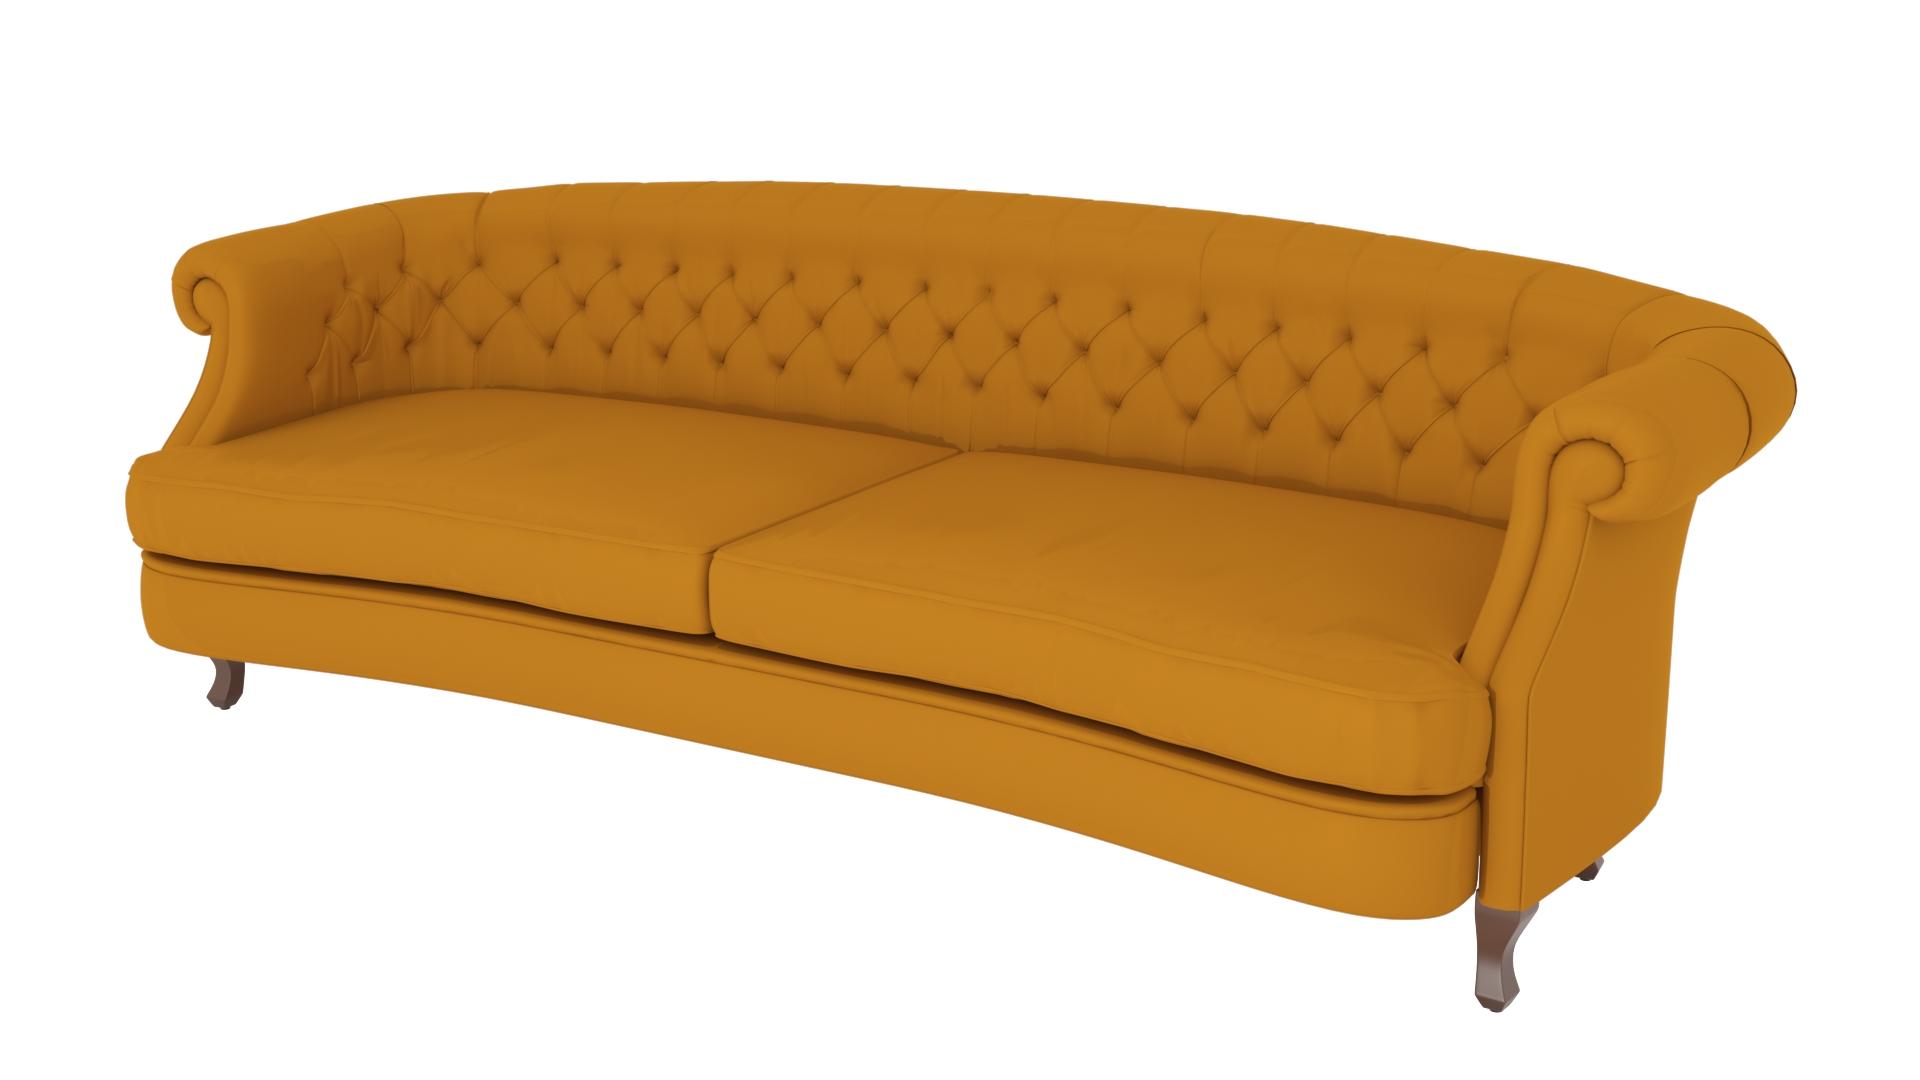 sofa_8_8.jpg